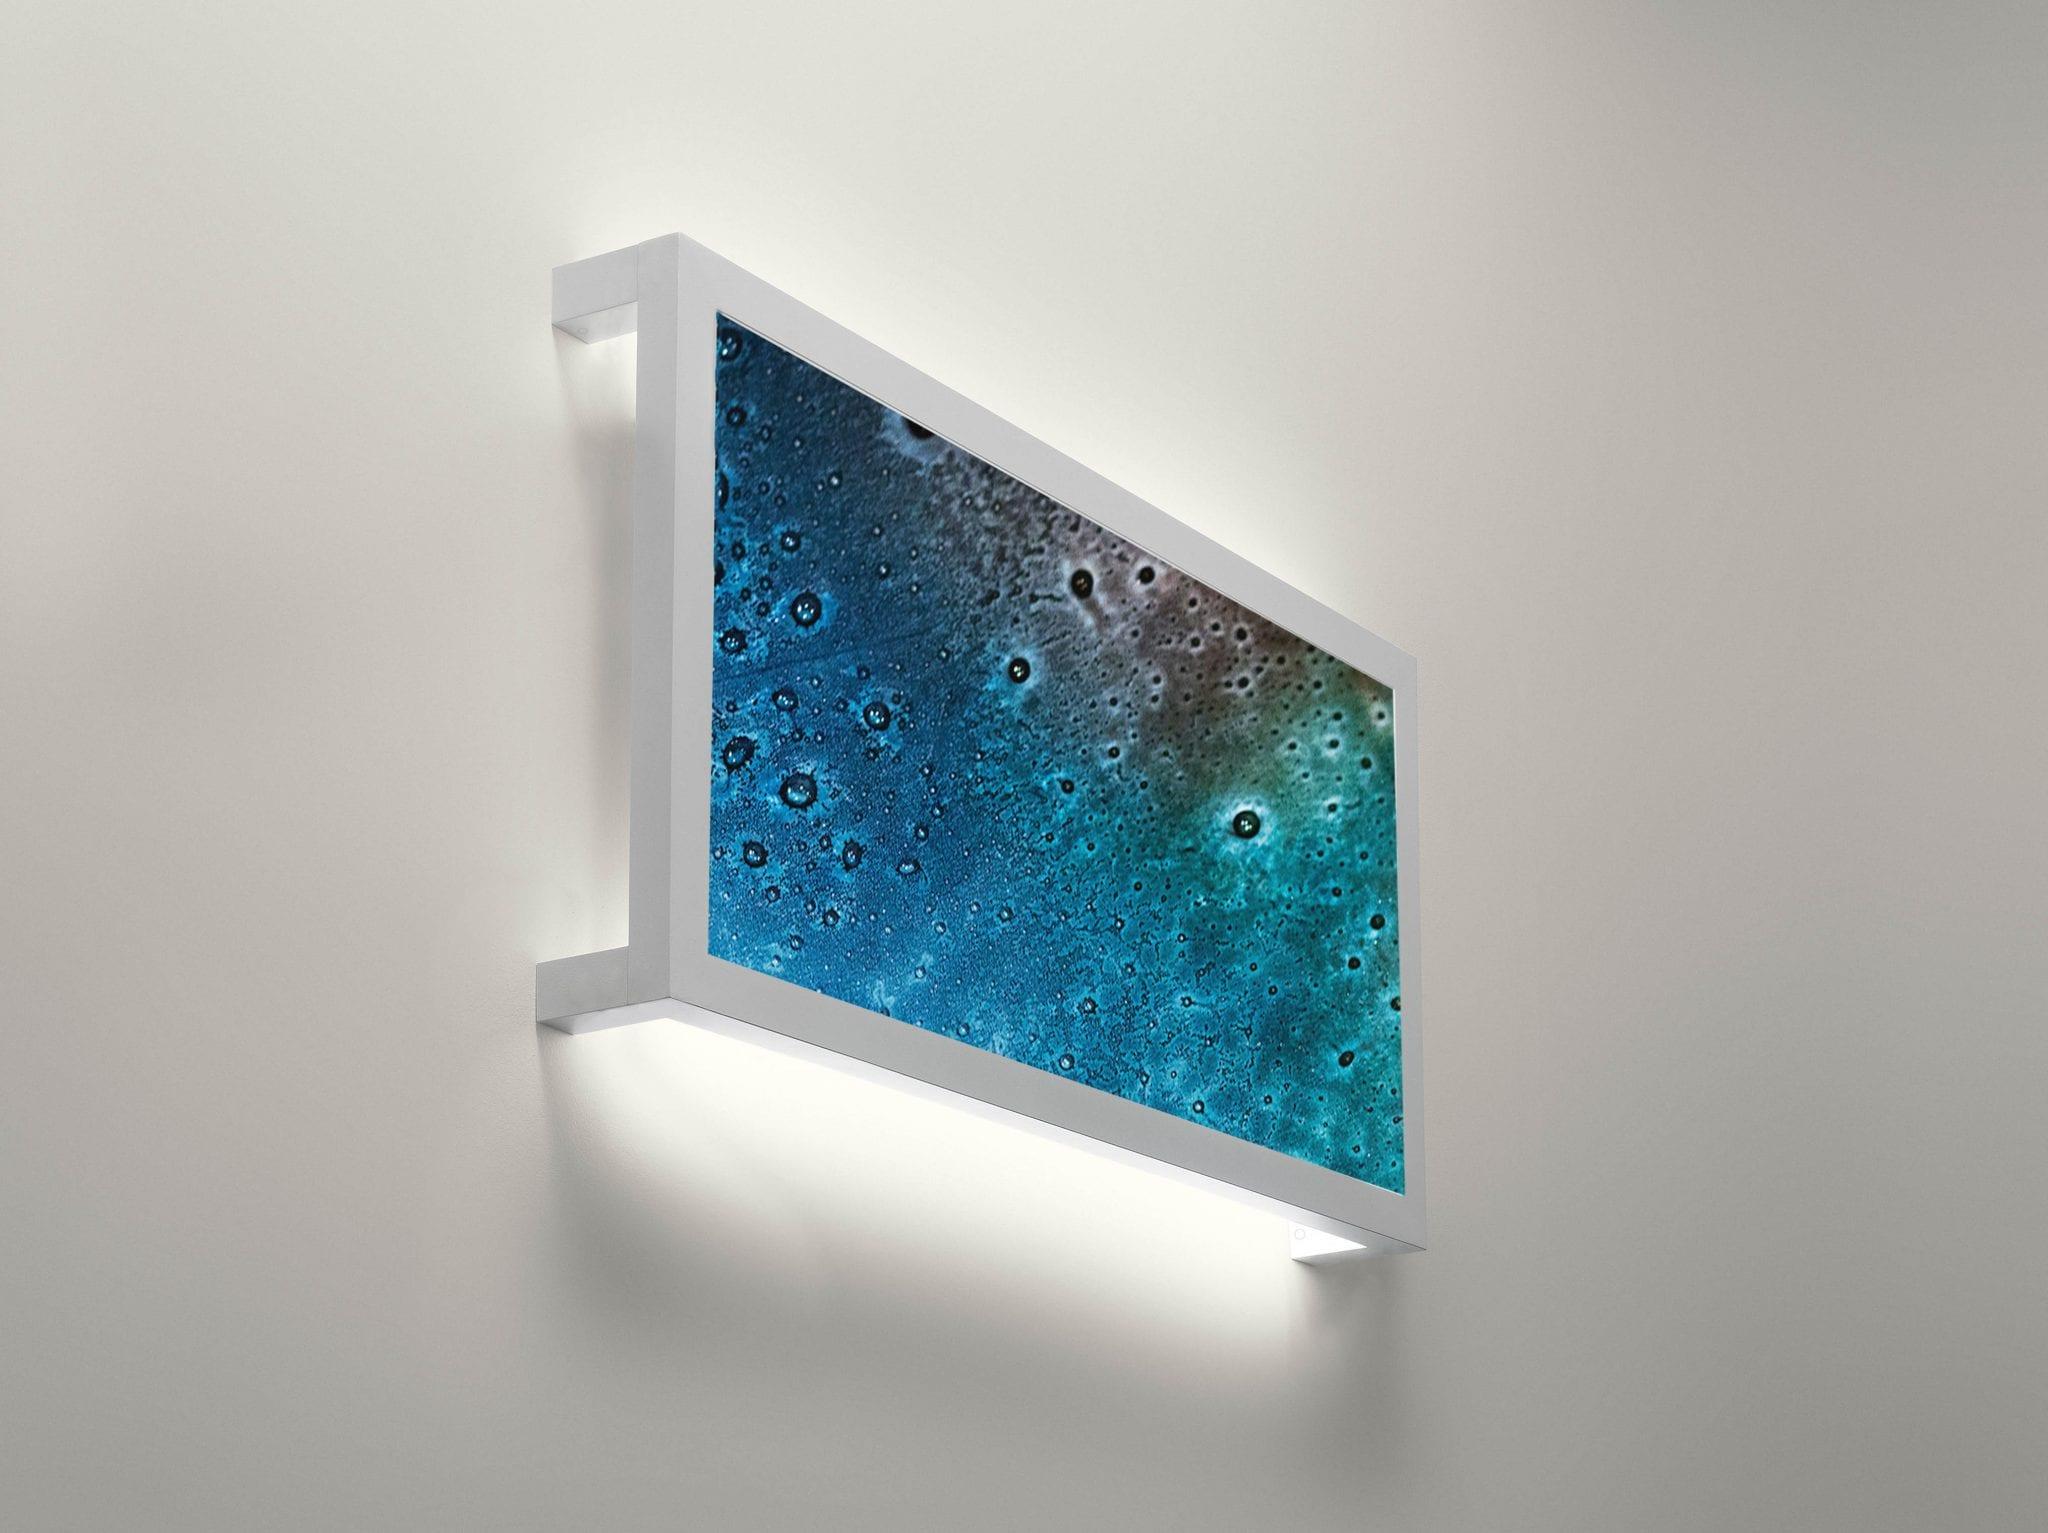 Уникальный стеклянный дизайн в интерьере. Крышка лампы из цветного плавленого стекла. Glass Point